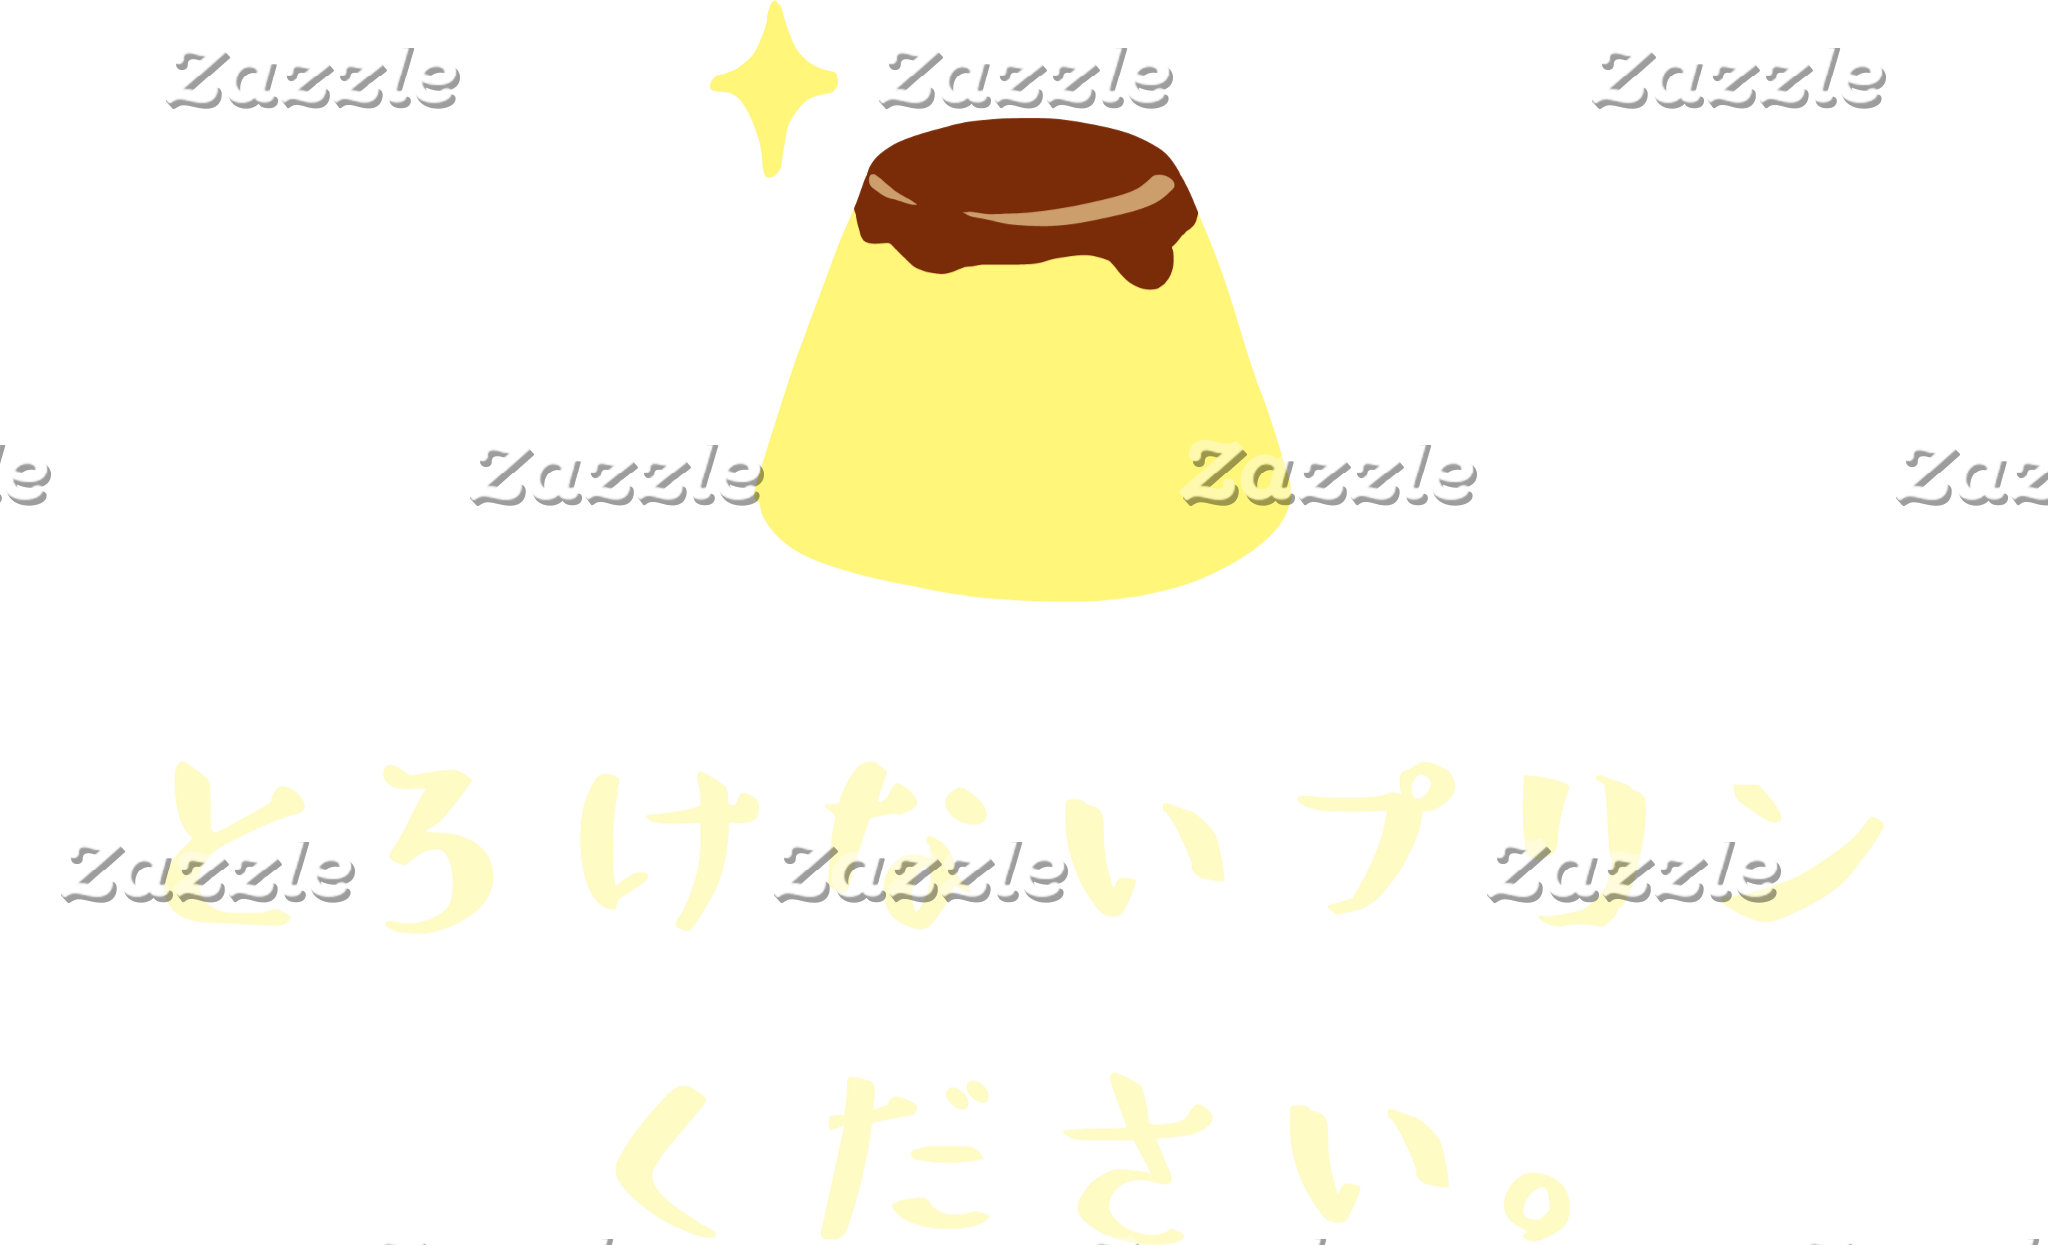 【とろけないプリンください(濃色地用】 Not melty pudding, plz(forDark